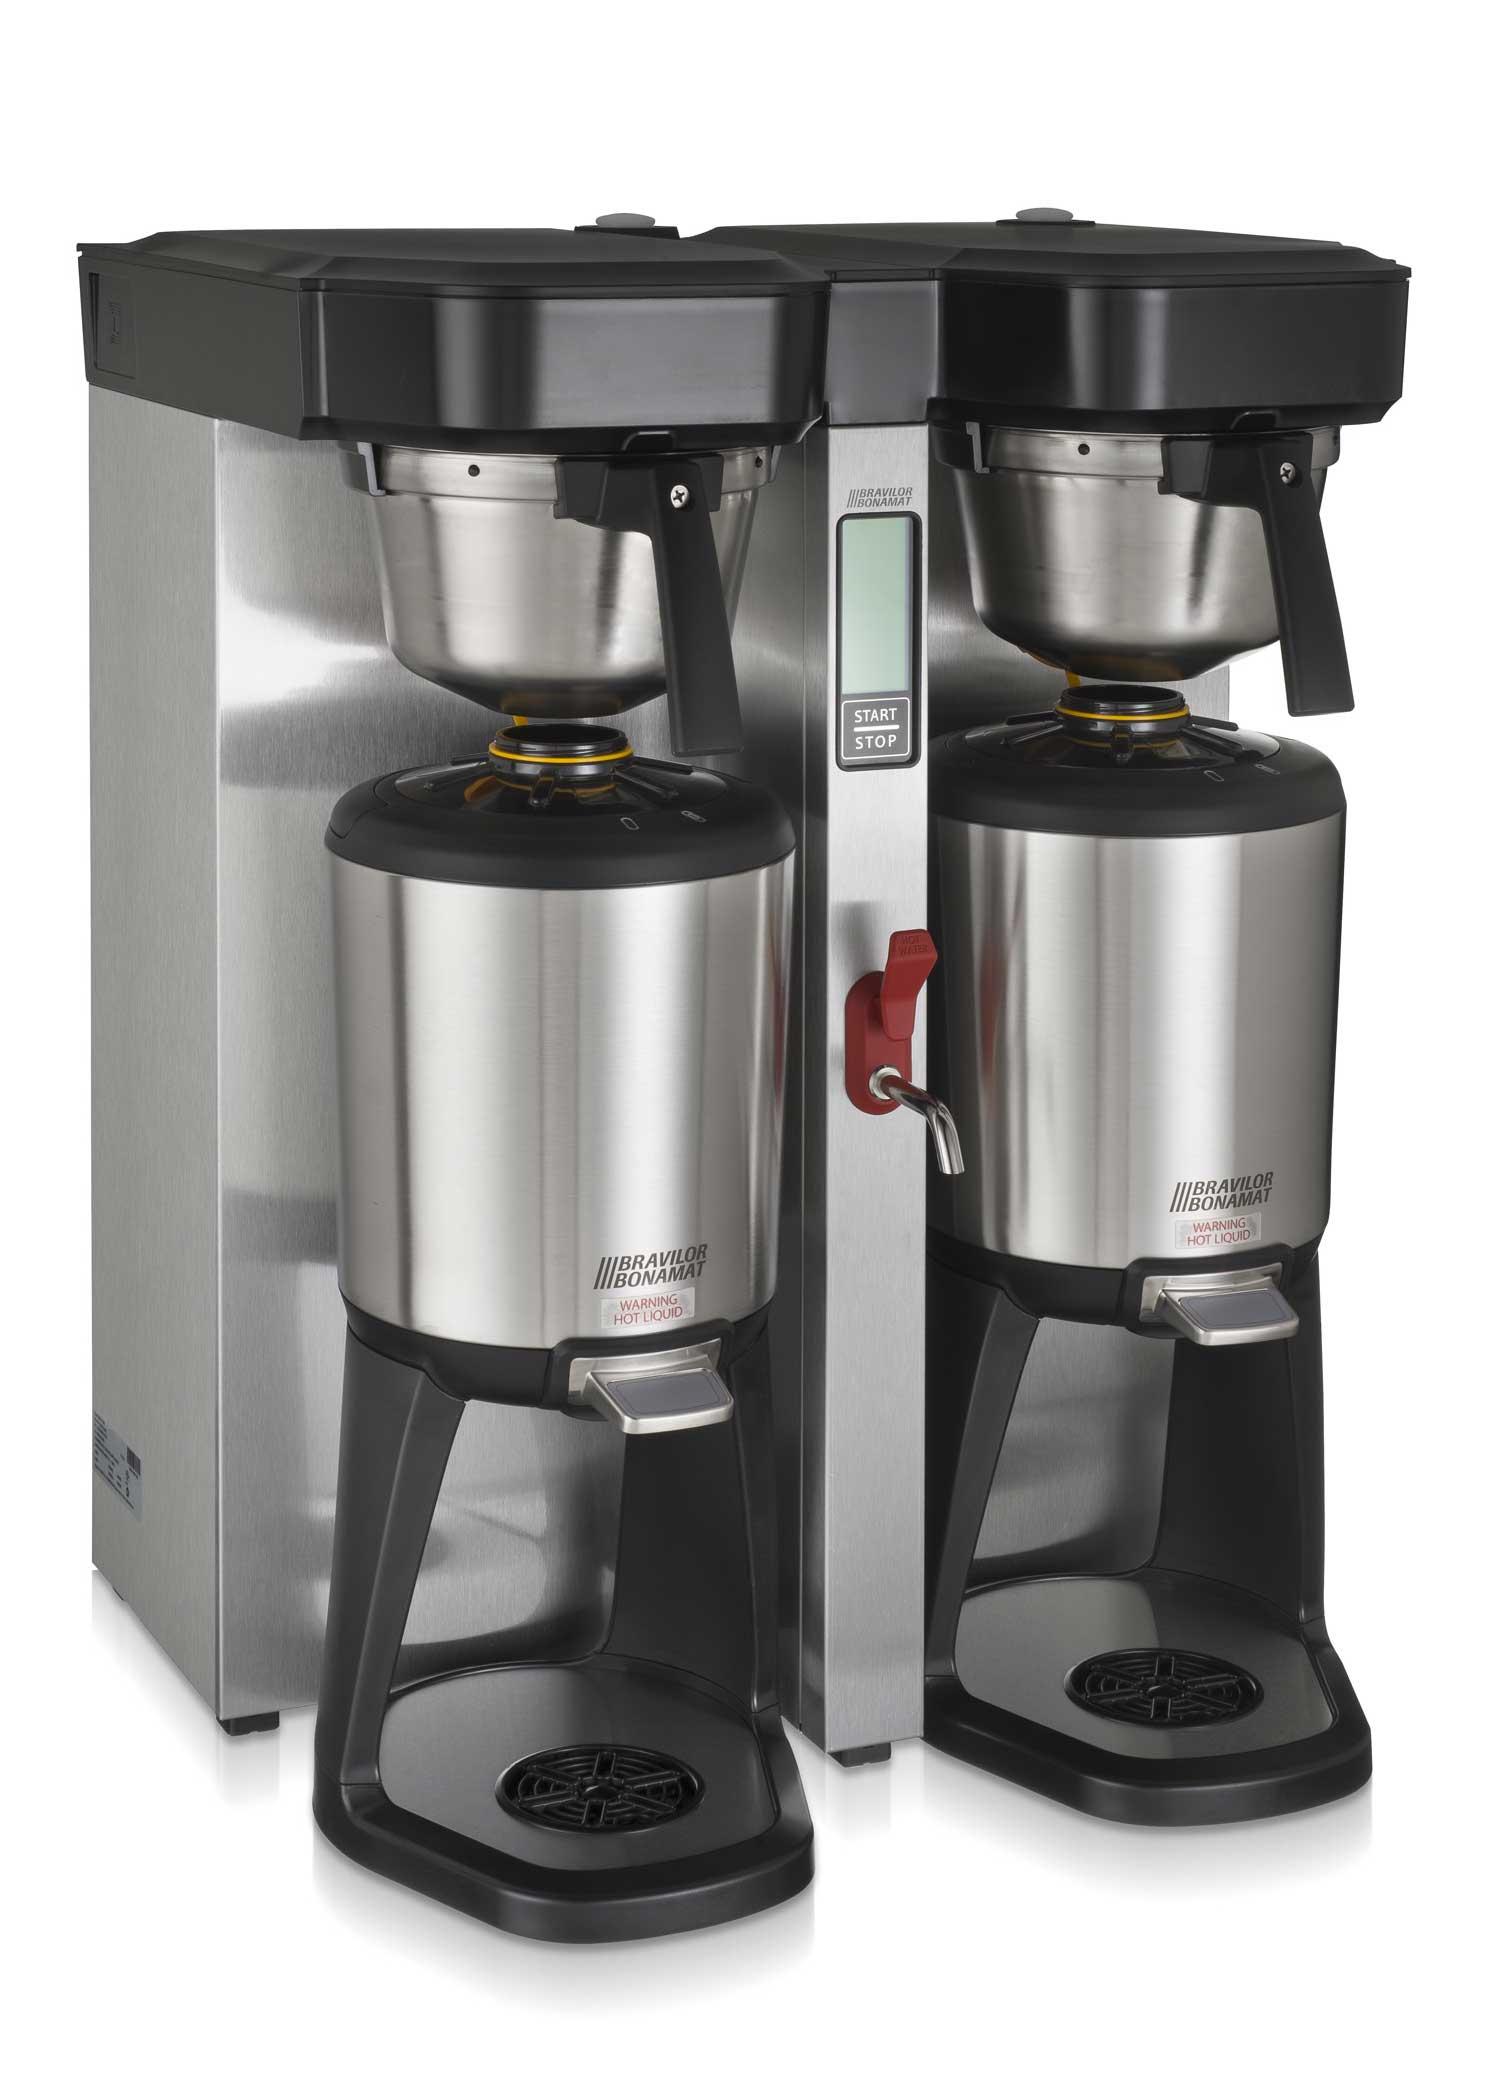 Bonamat Aurora 5.7 TWH Filterkaffeemaschine 230V od. 400V